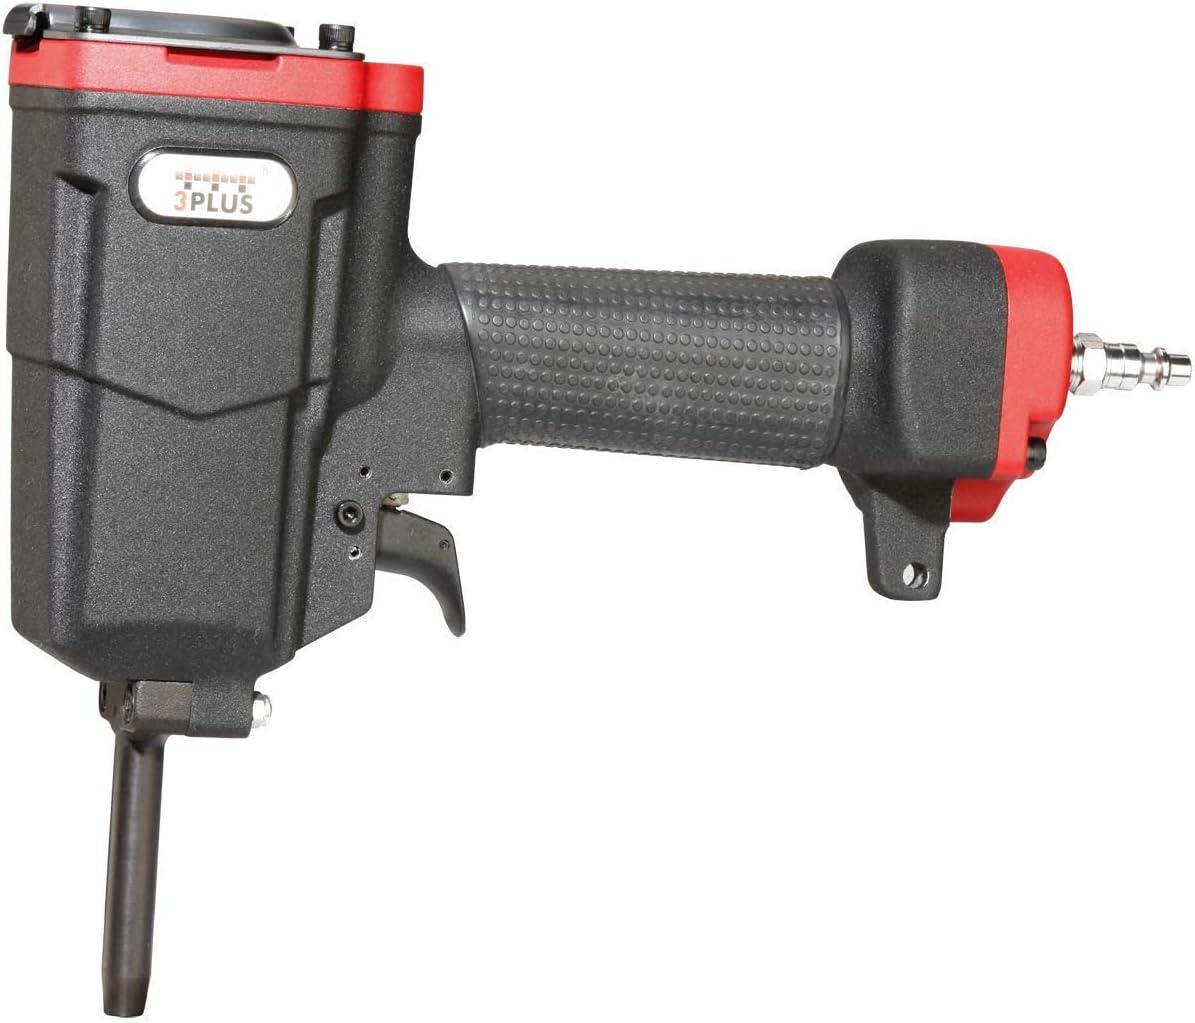 3PLUS HAPT50SP Punch Nailer Nail Remover Nail Puller